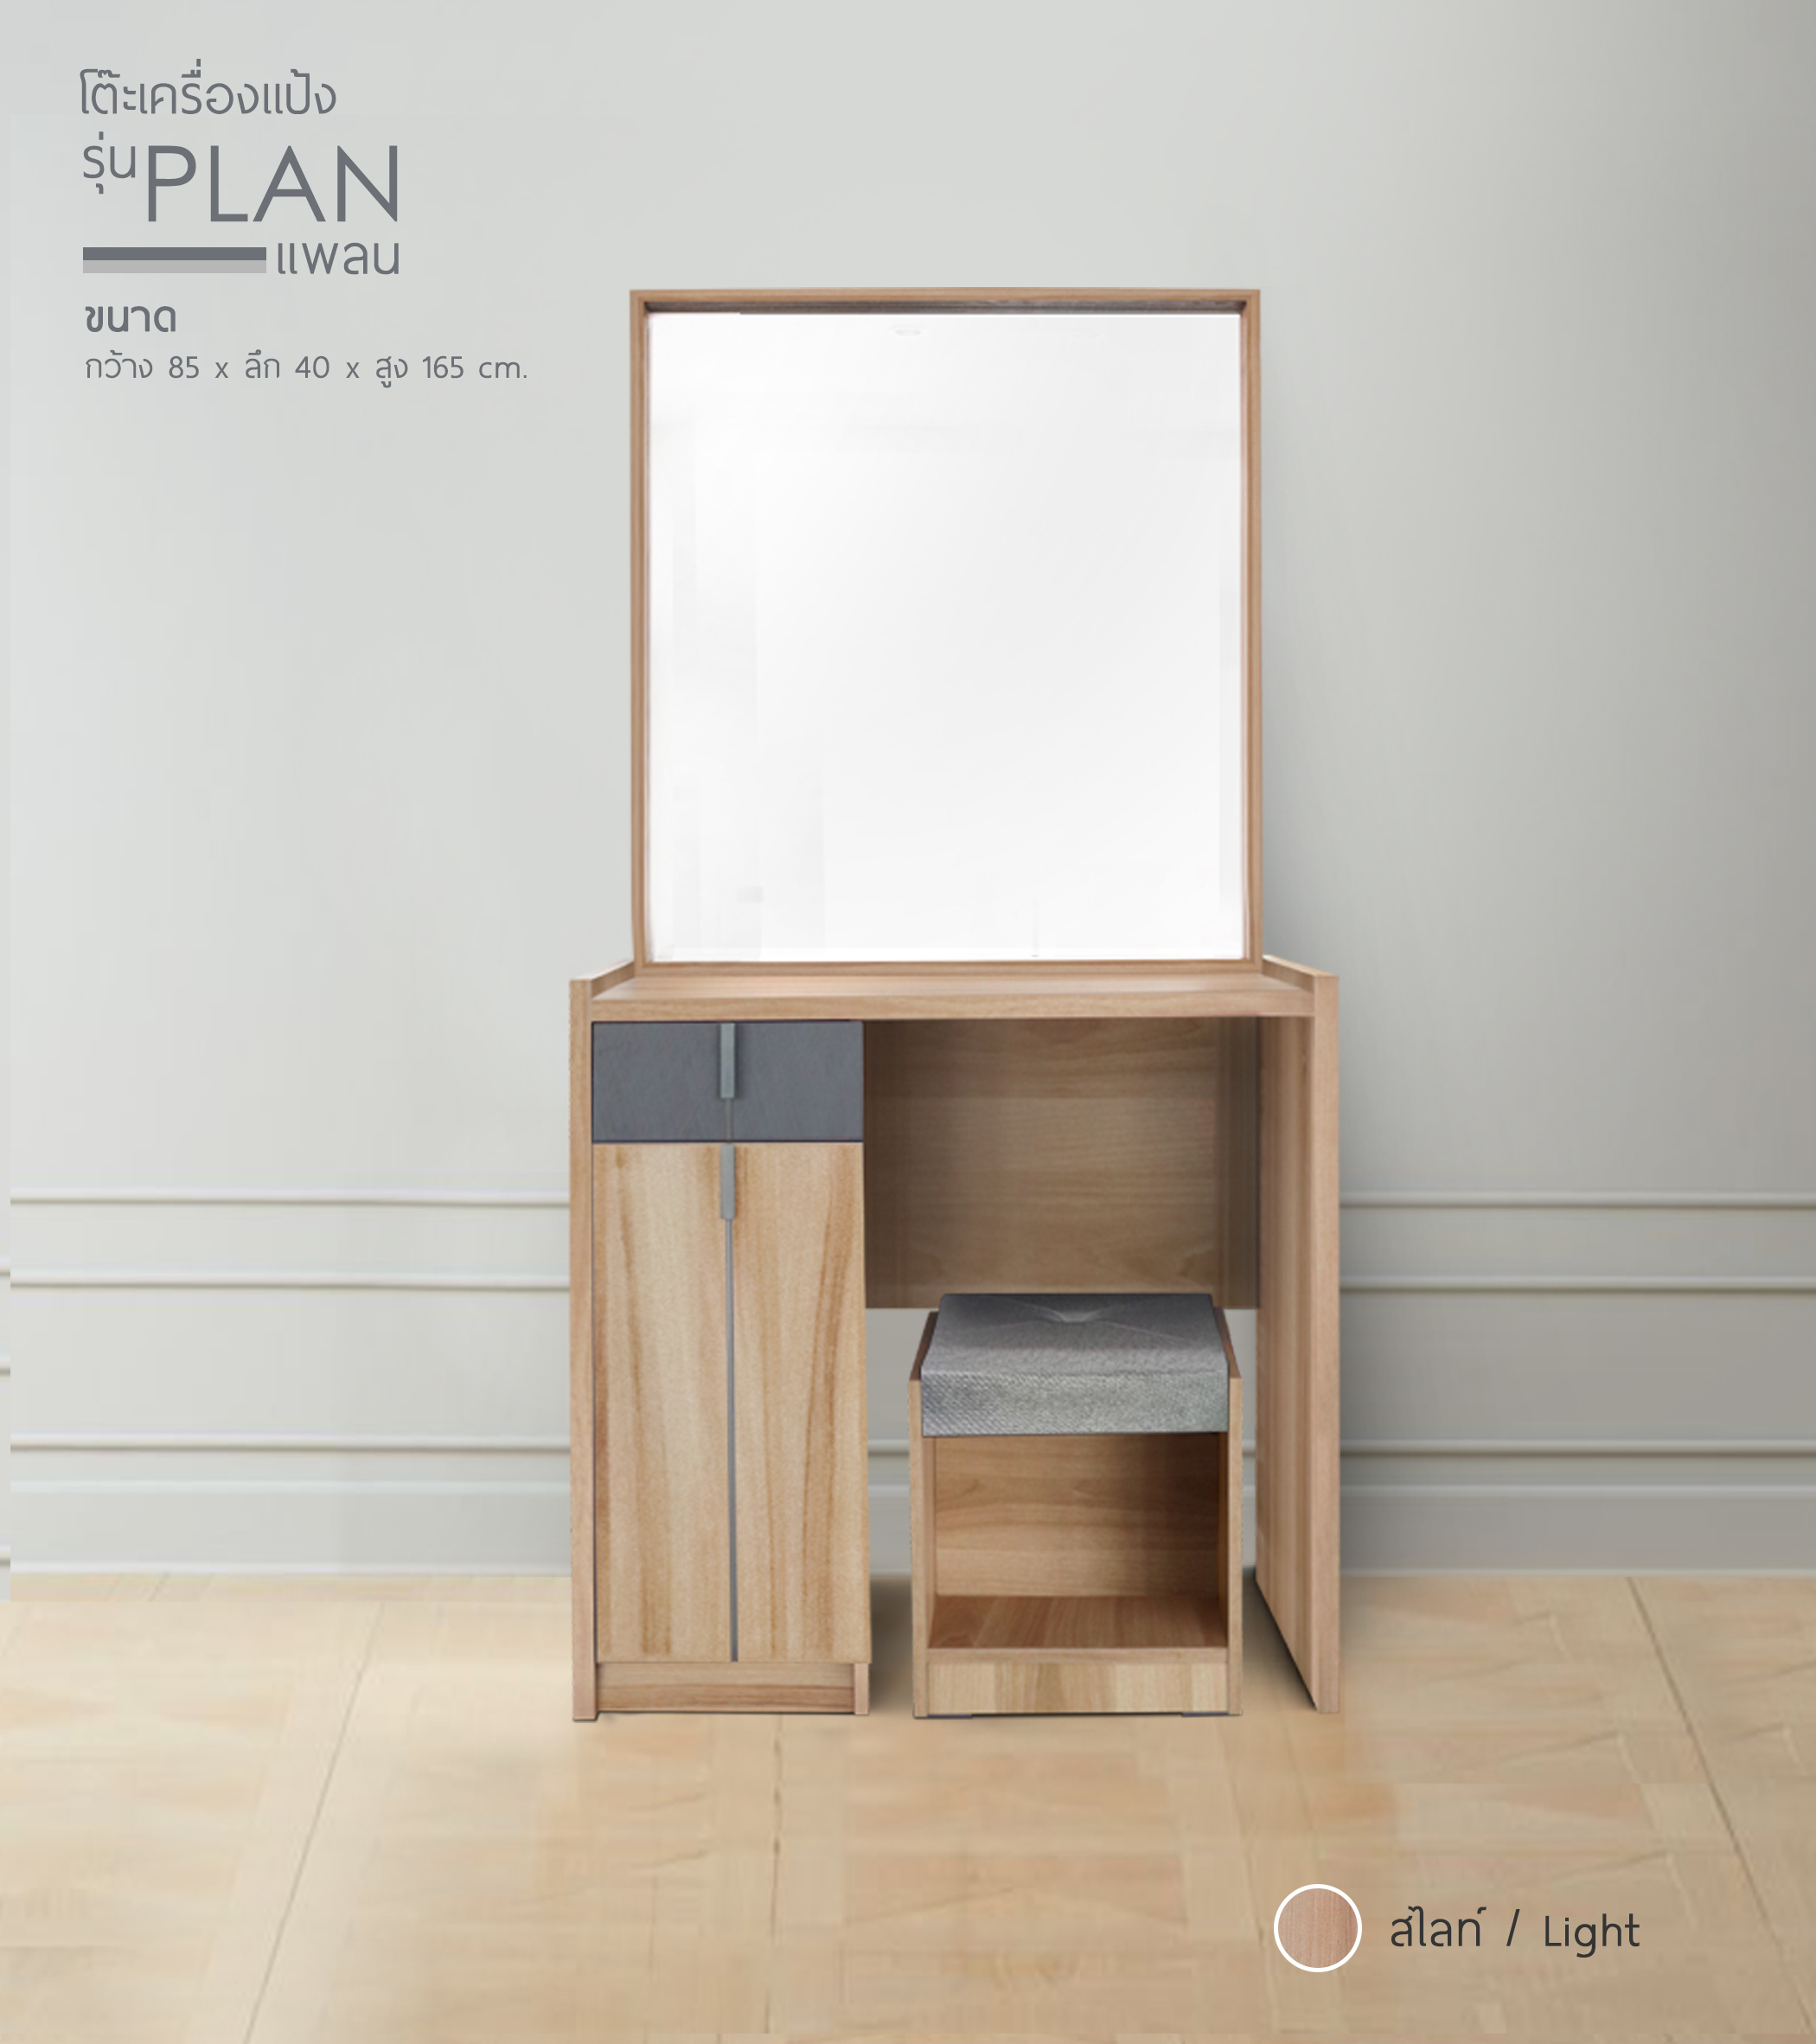 โต๊ะเครื่องแป้ง PLAN สีไลท์